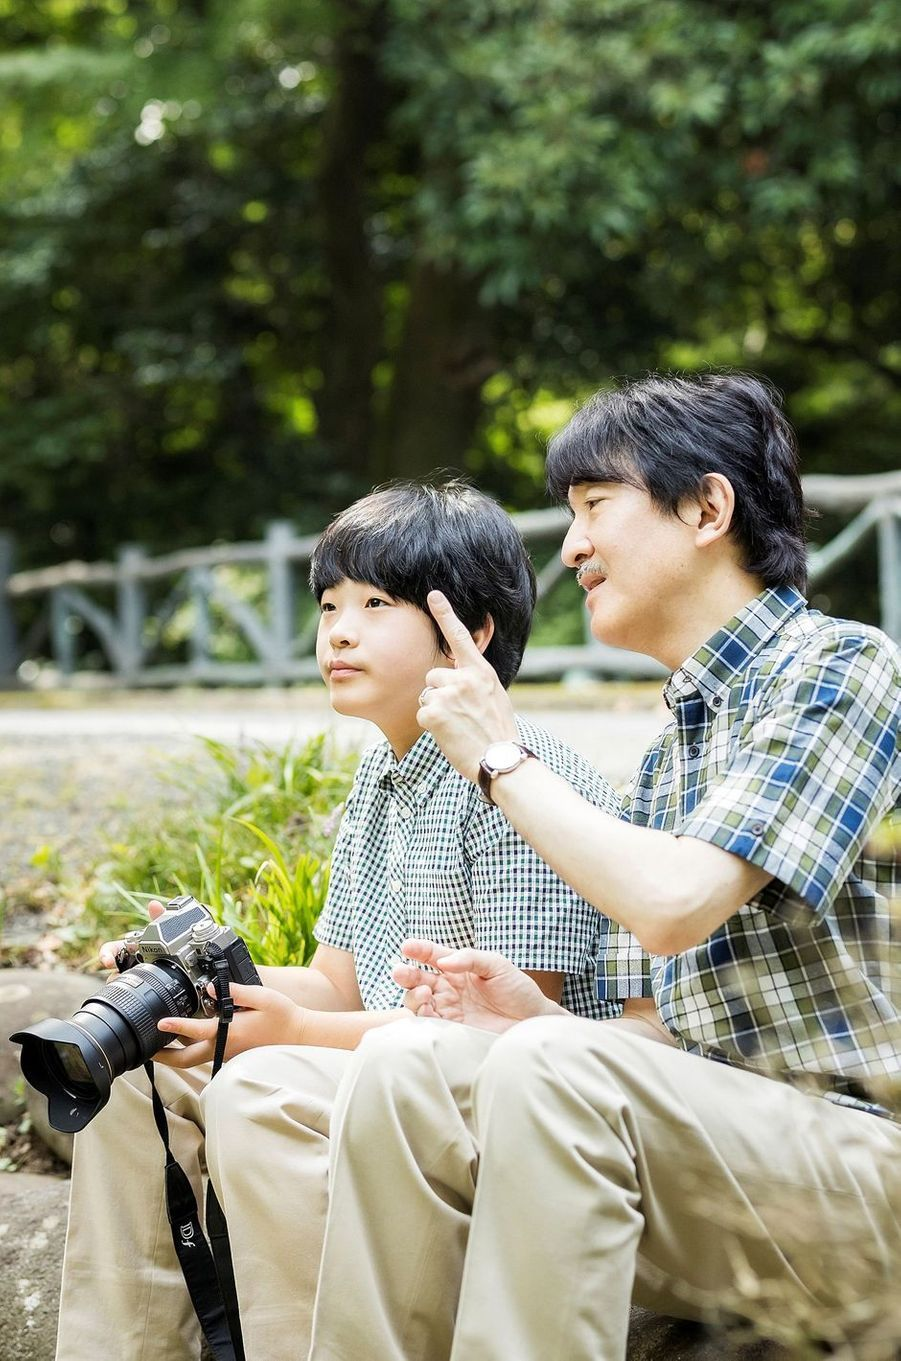 Le prince Hisahito du Japon et le prince héritier Fumihito d'Akishino, dans le jardin de leur résidence à Tokyo, le 10 août 2020. Photo diffusée le 6 septembre 2020 pour ses 14 ans